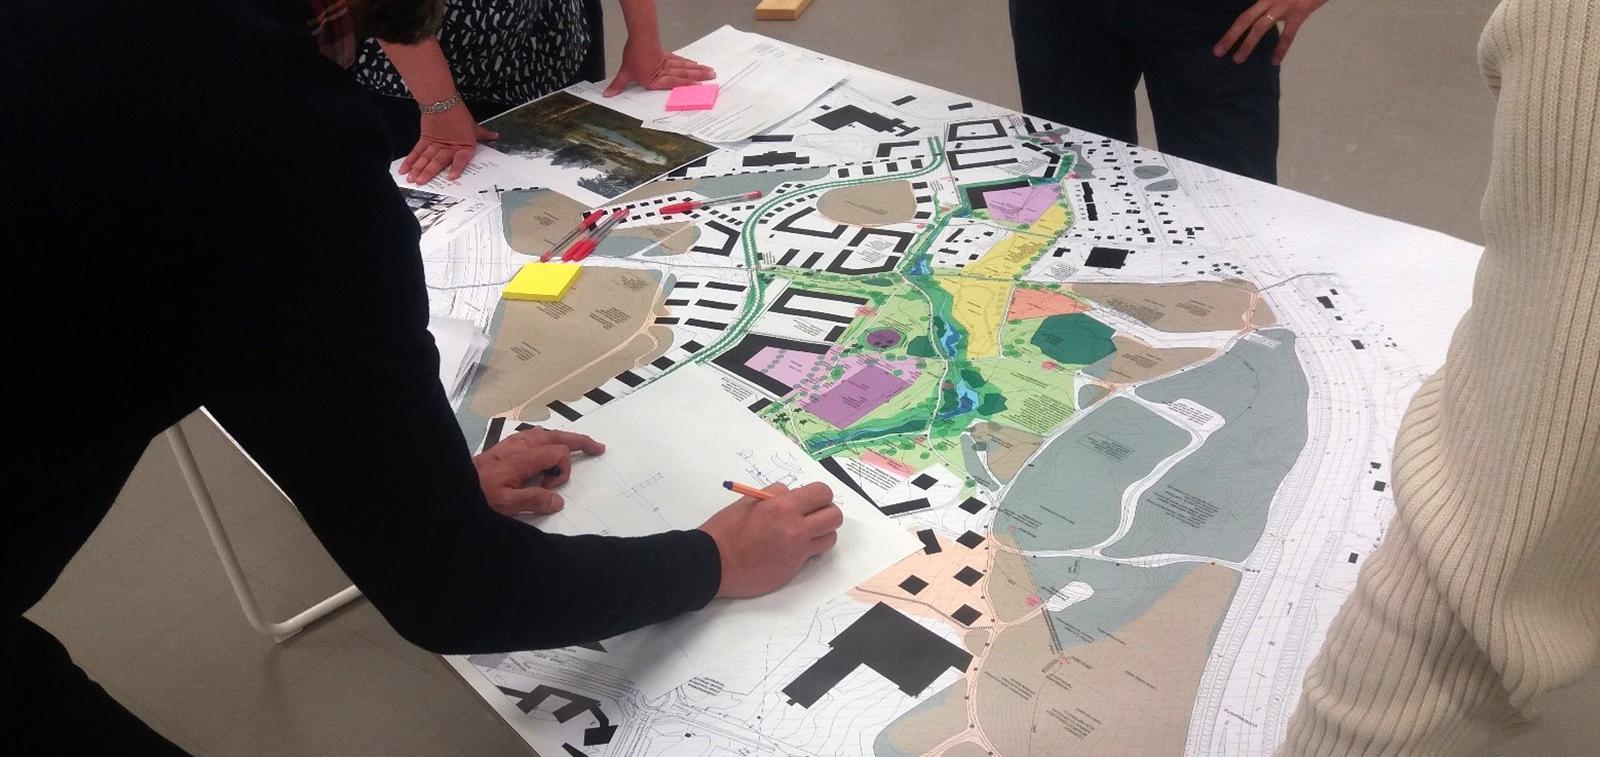 Kaupunkilaiset kommentoivat suunnitelmia suunnittelijoille.